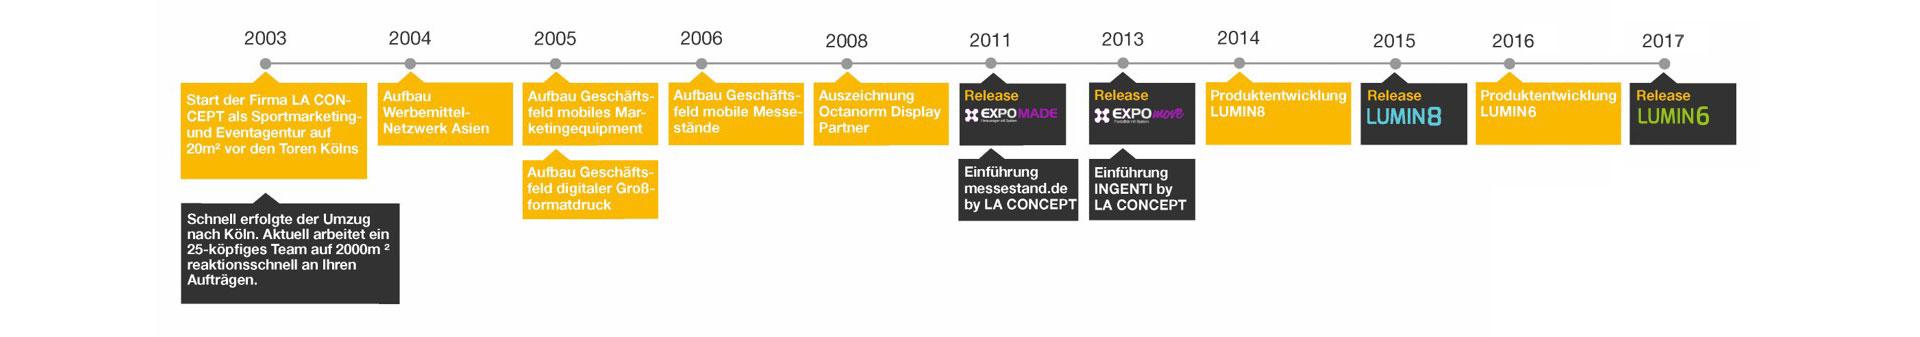 LA CONCEPT Timeline